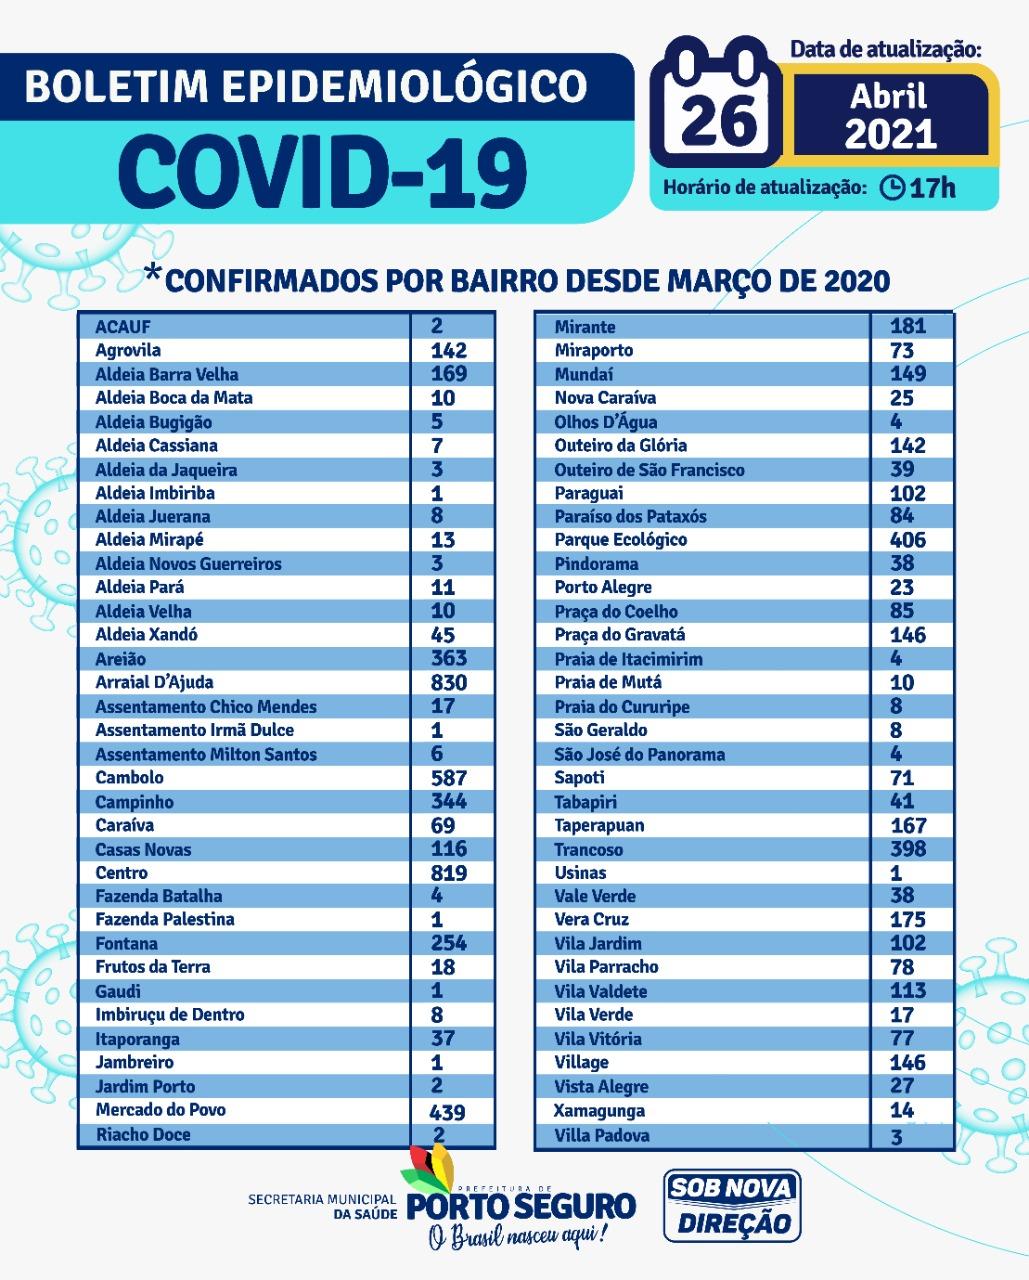 PORTO SEGURO: Boletim Coronavírus 26/04/2021 23